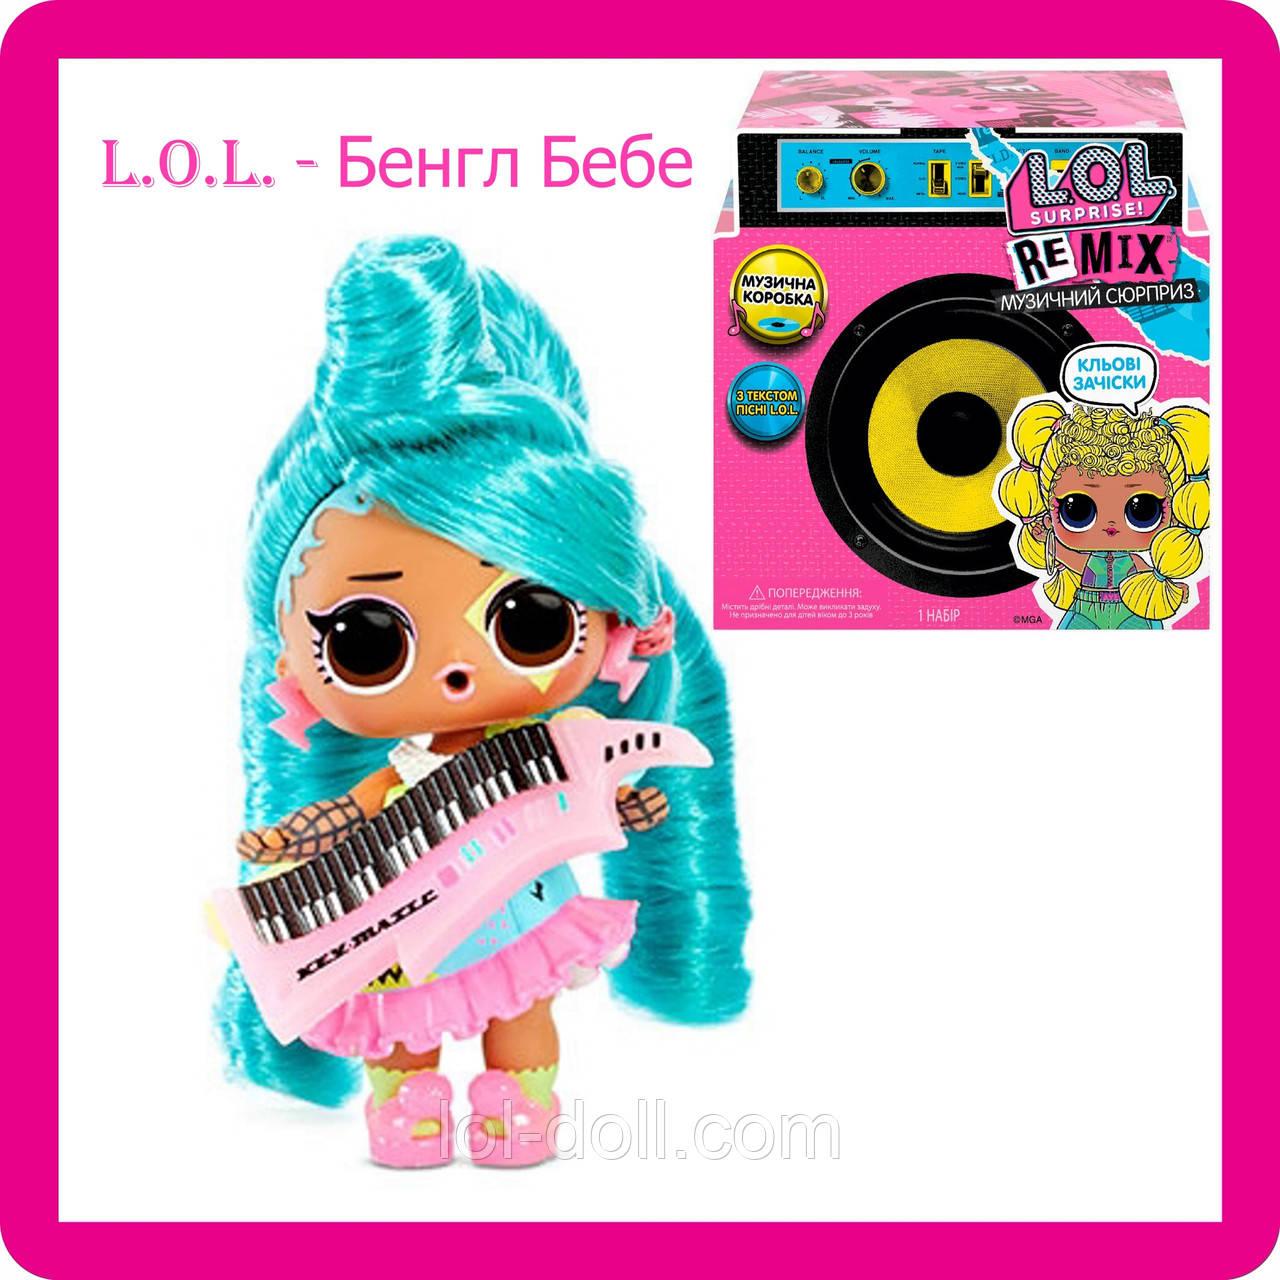 Лялька LOL Surprise Збереження Фліп Бенгл Бебі Лол Сюрприз Оригінал Hair Flip Bangle B. B.